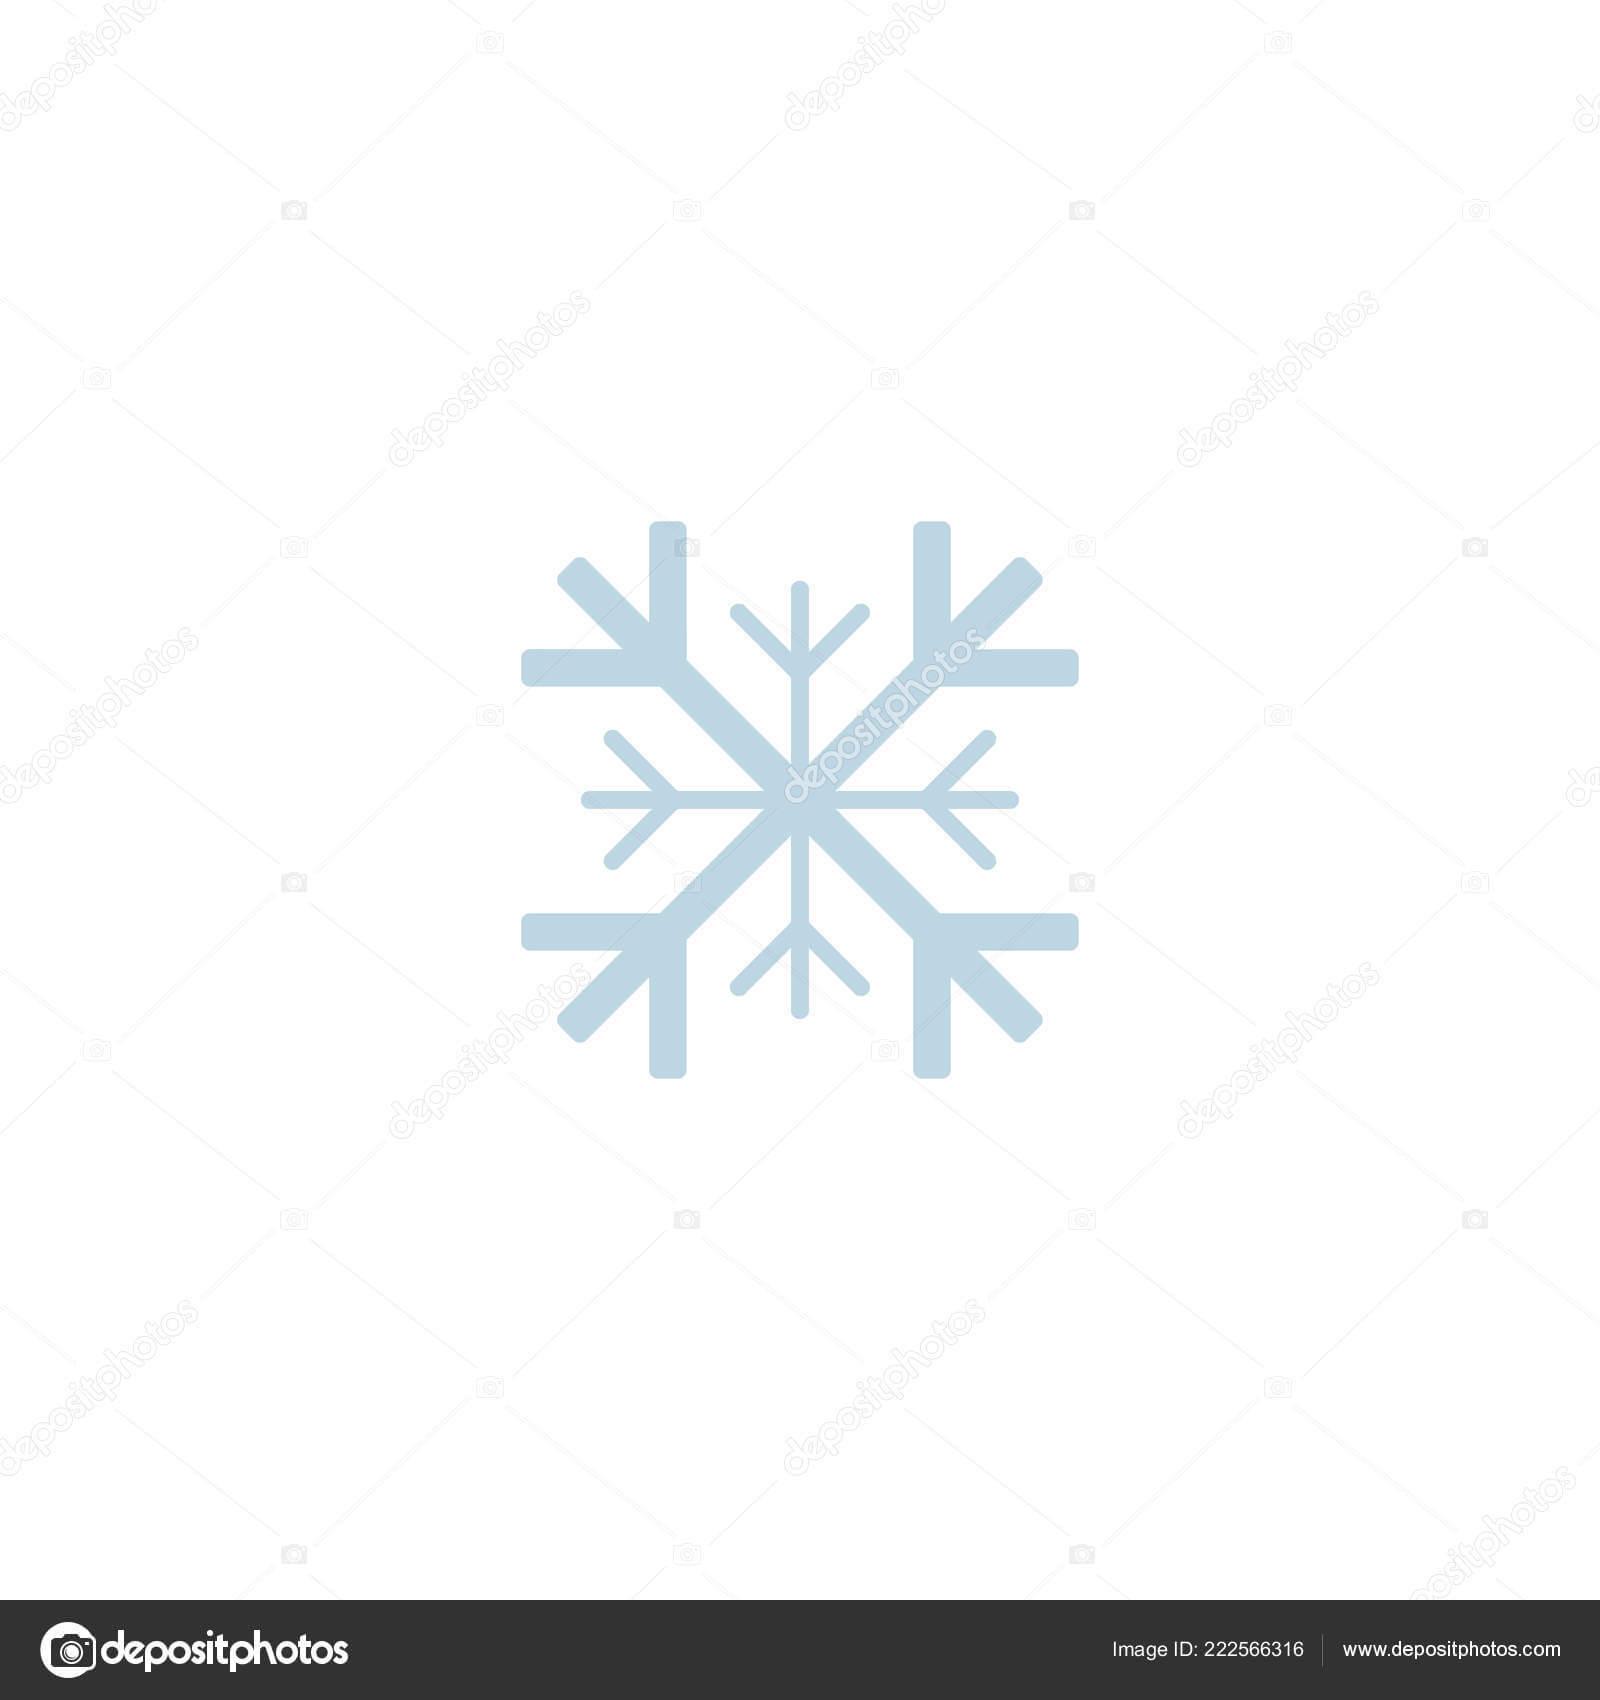 Blank Snowflake Template   Snowflake Icon Template Christmas With Blank Snowflake Template